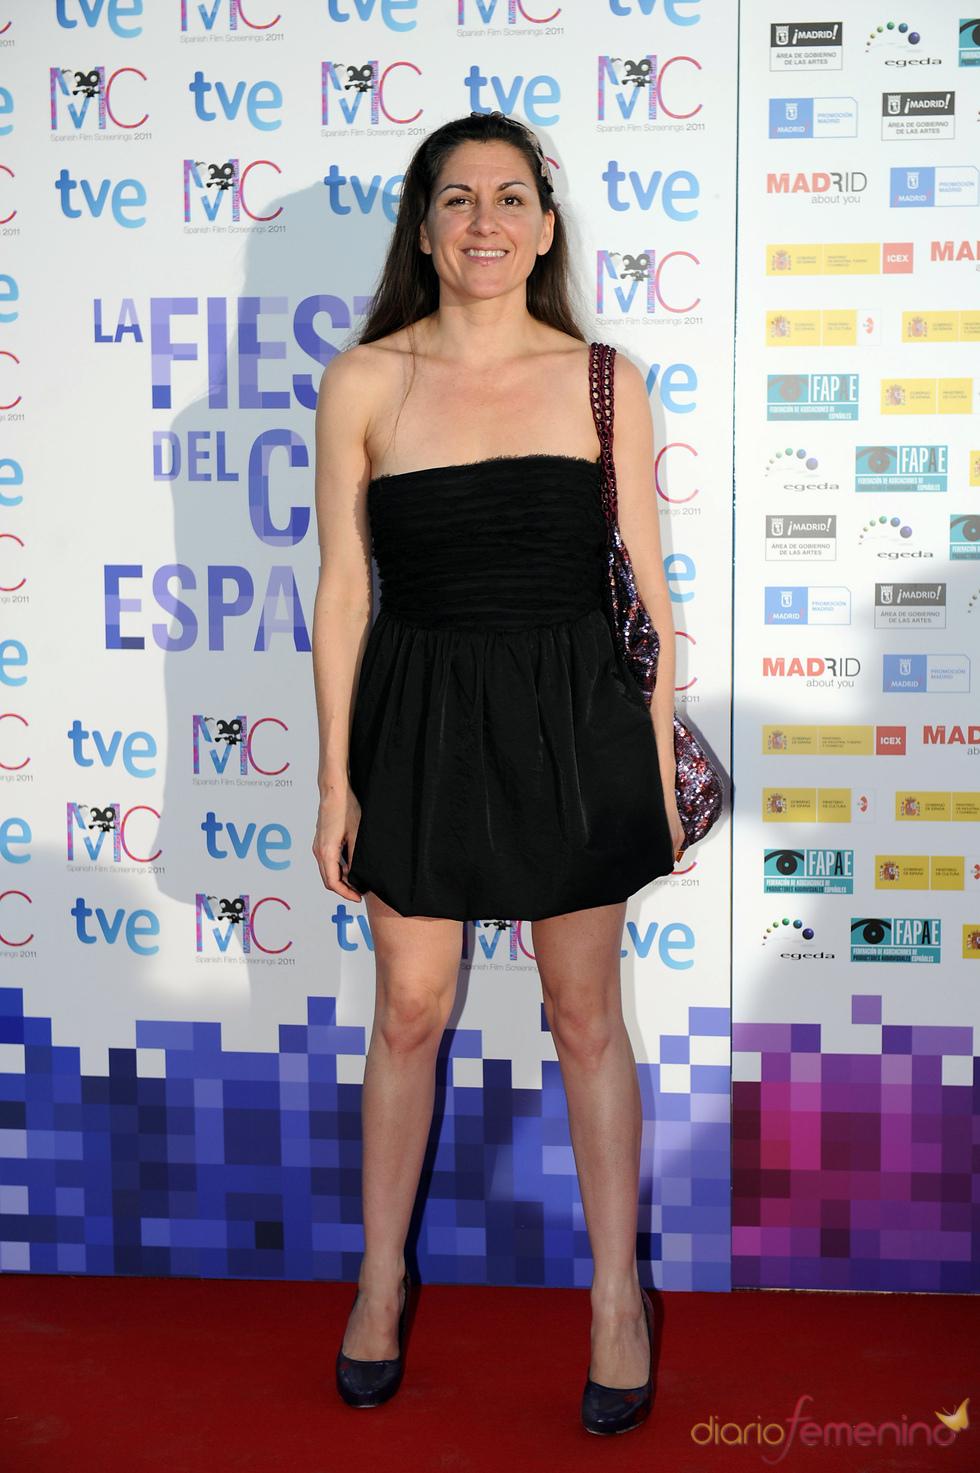 Ana Rayo en la Fiesta del Cine español